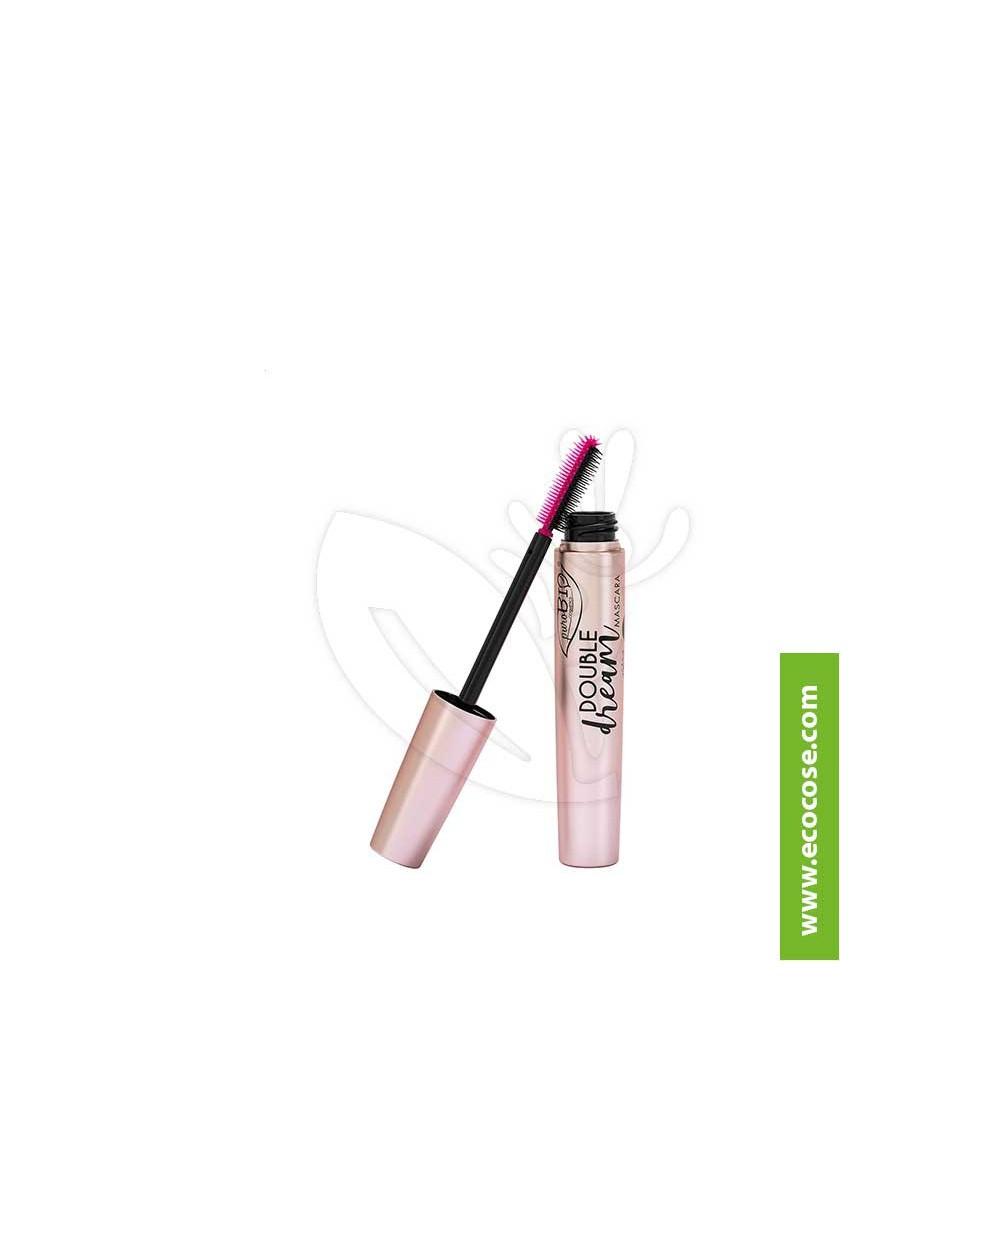 PuroBIO Cosmetics - Mascara Double Dream 02 Marrone